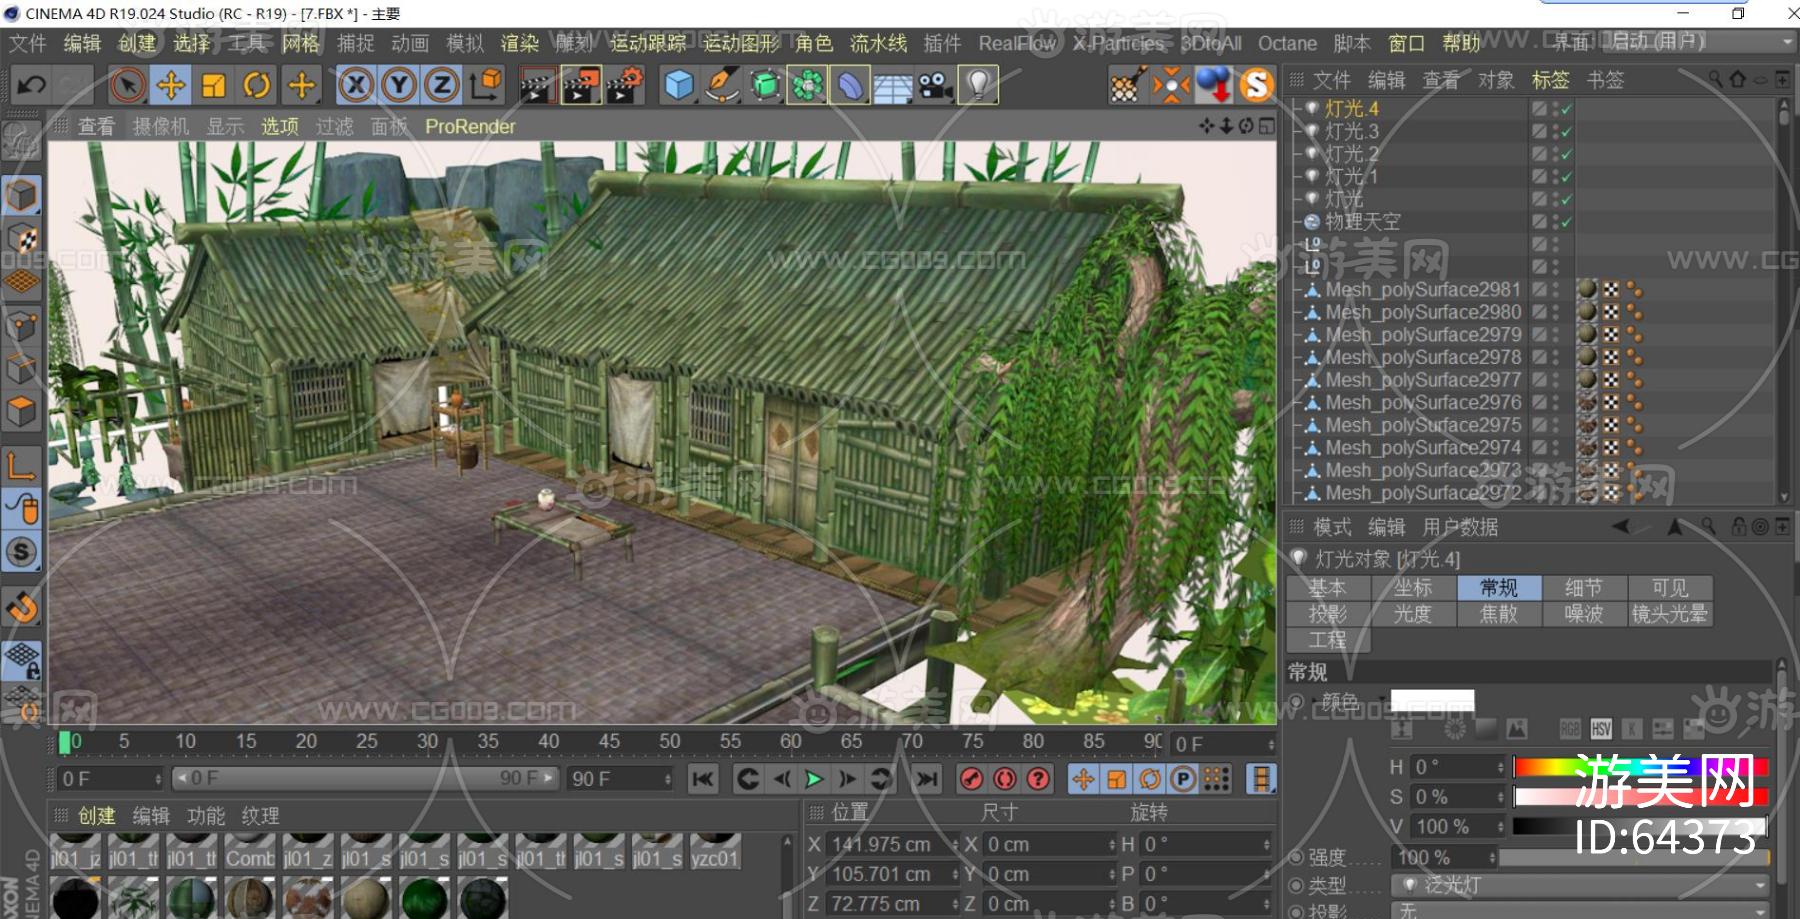 游戏岩浆贴图_超高质量游戏场景集合 多种格式 建筑 房屋 绿地景色 竹林-cg模型 ...